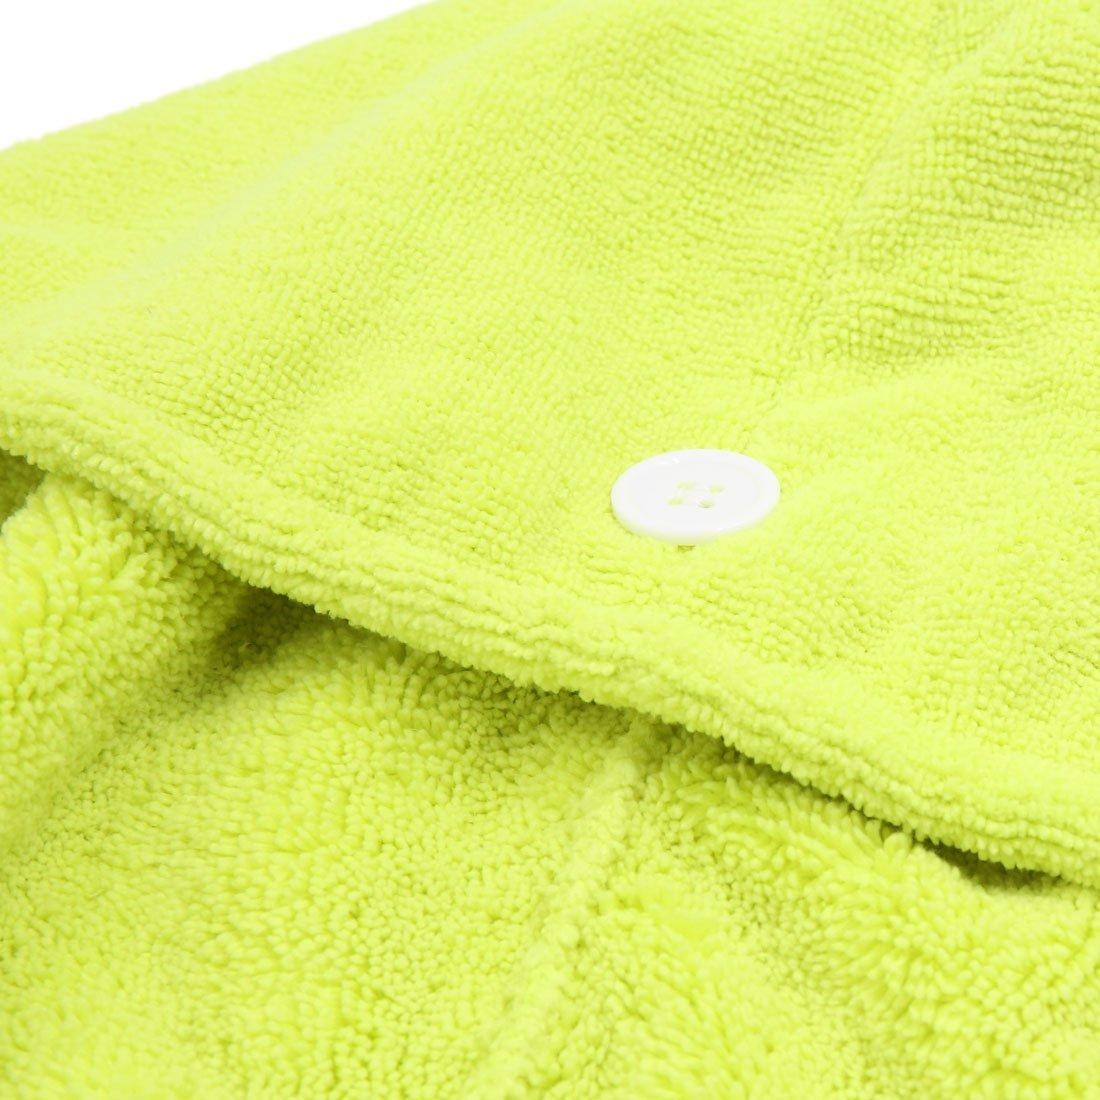 Amazon.com: eDealMax Verde poliéster botón de cierre elástico del Pelo de secado rápido de la toalla del casquillo del Sombrero Abrigo de la cabeza: Health ...